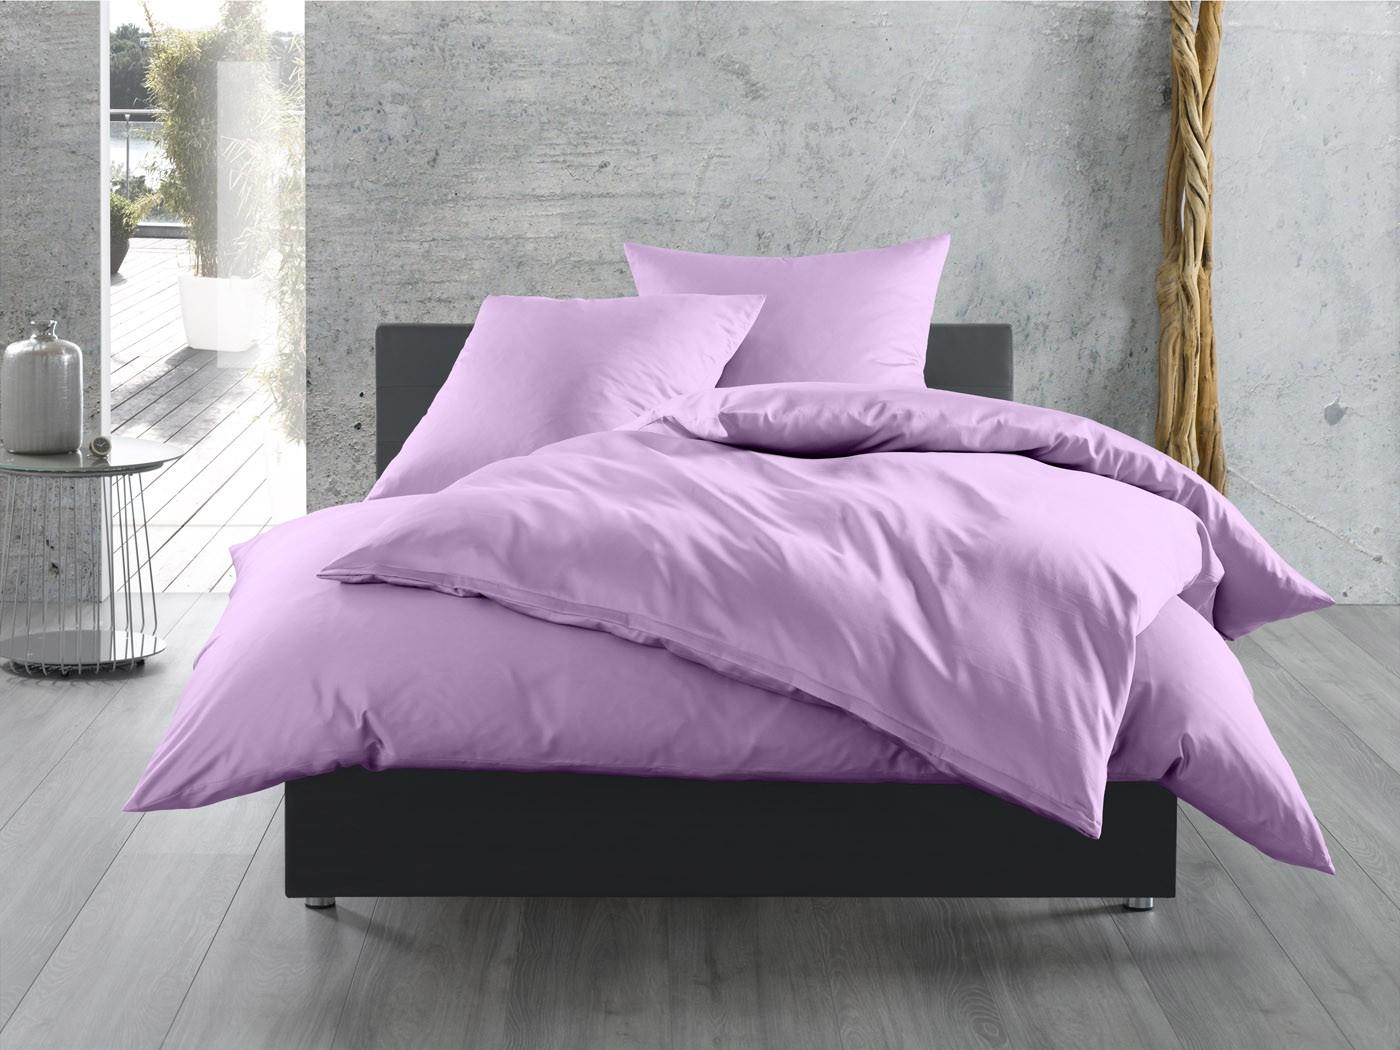 mako satin bettw sche uni einfarbig flieder rosa online kaufen bms. Black Bedroom Furniture Sets. Home Design Ideas